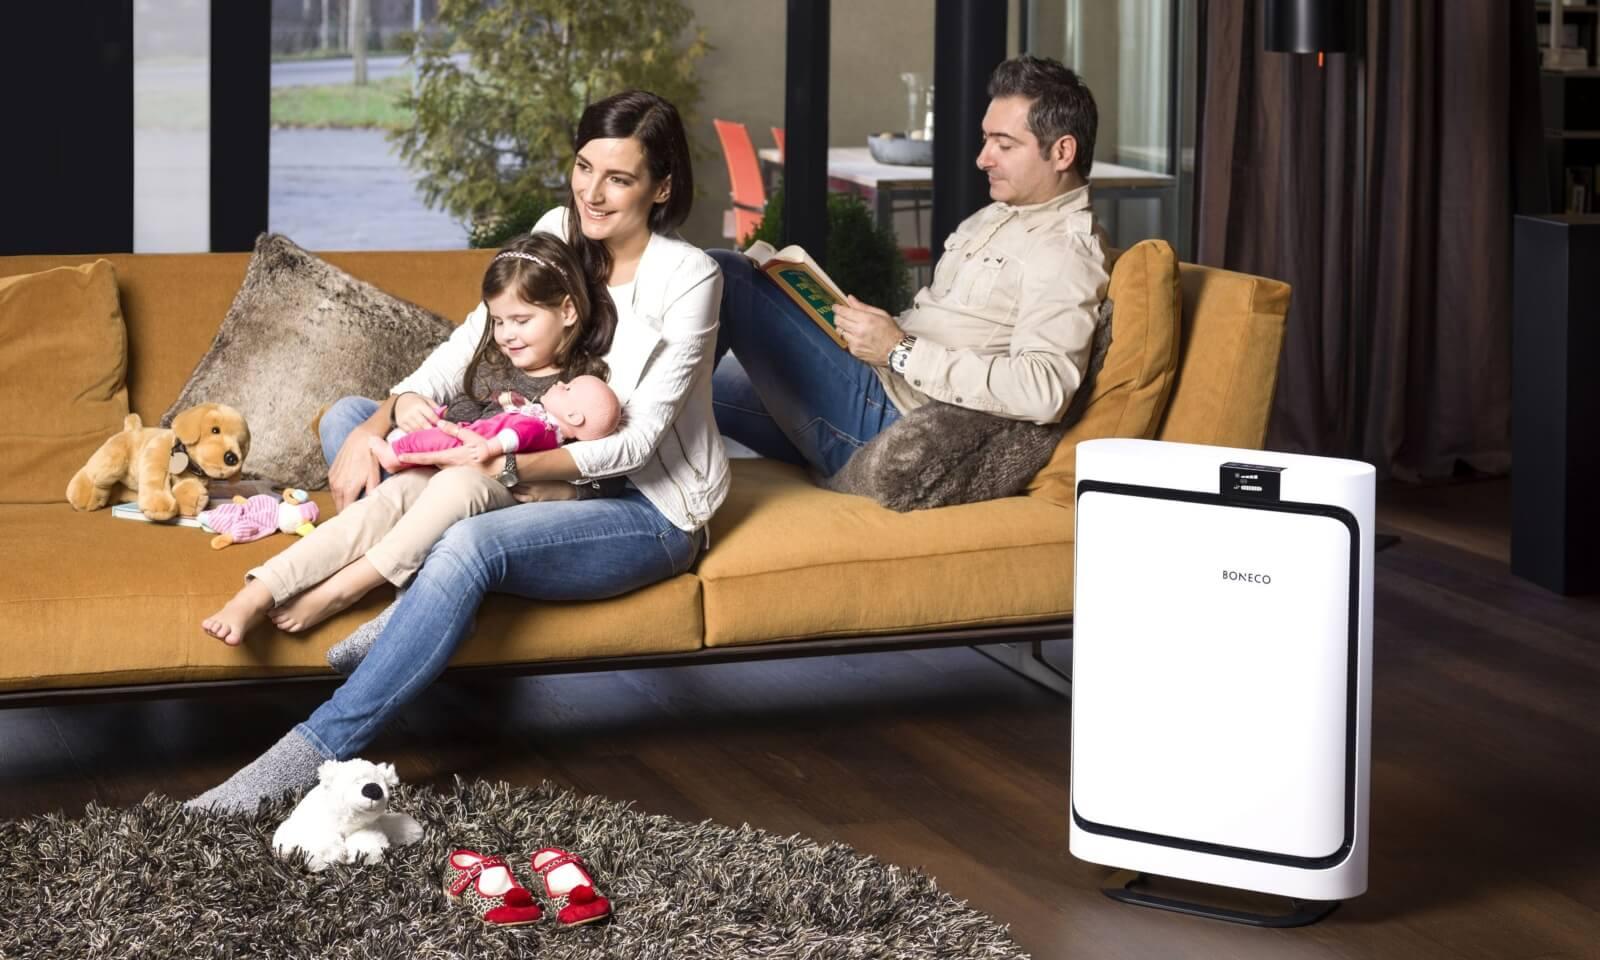 Oczyszczacz powietrza Boneco P500